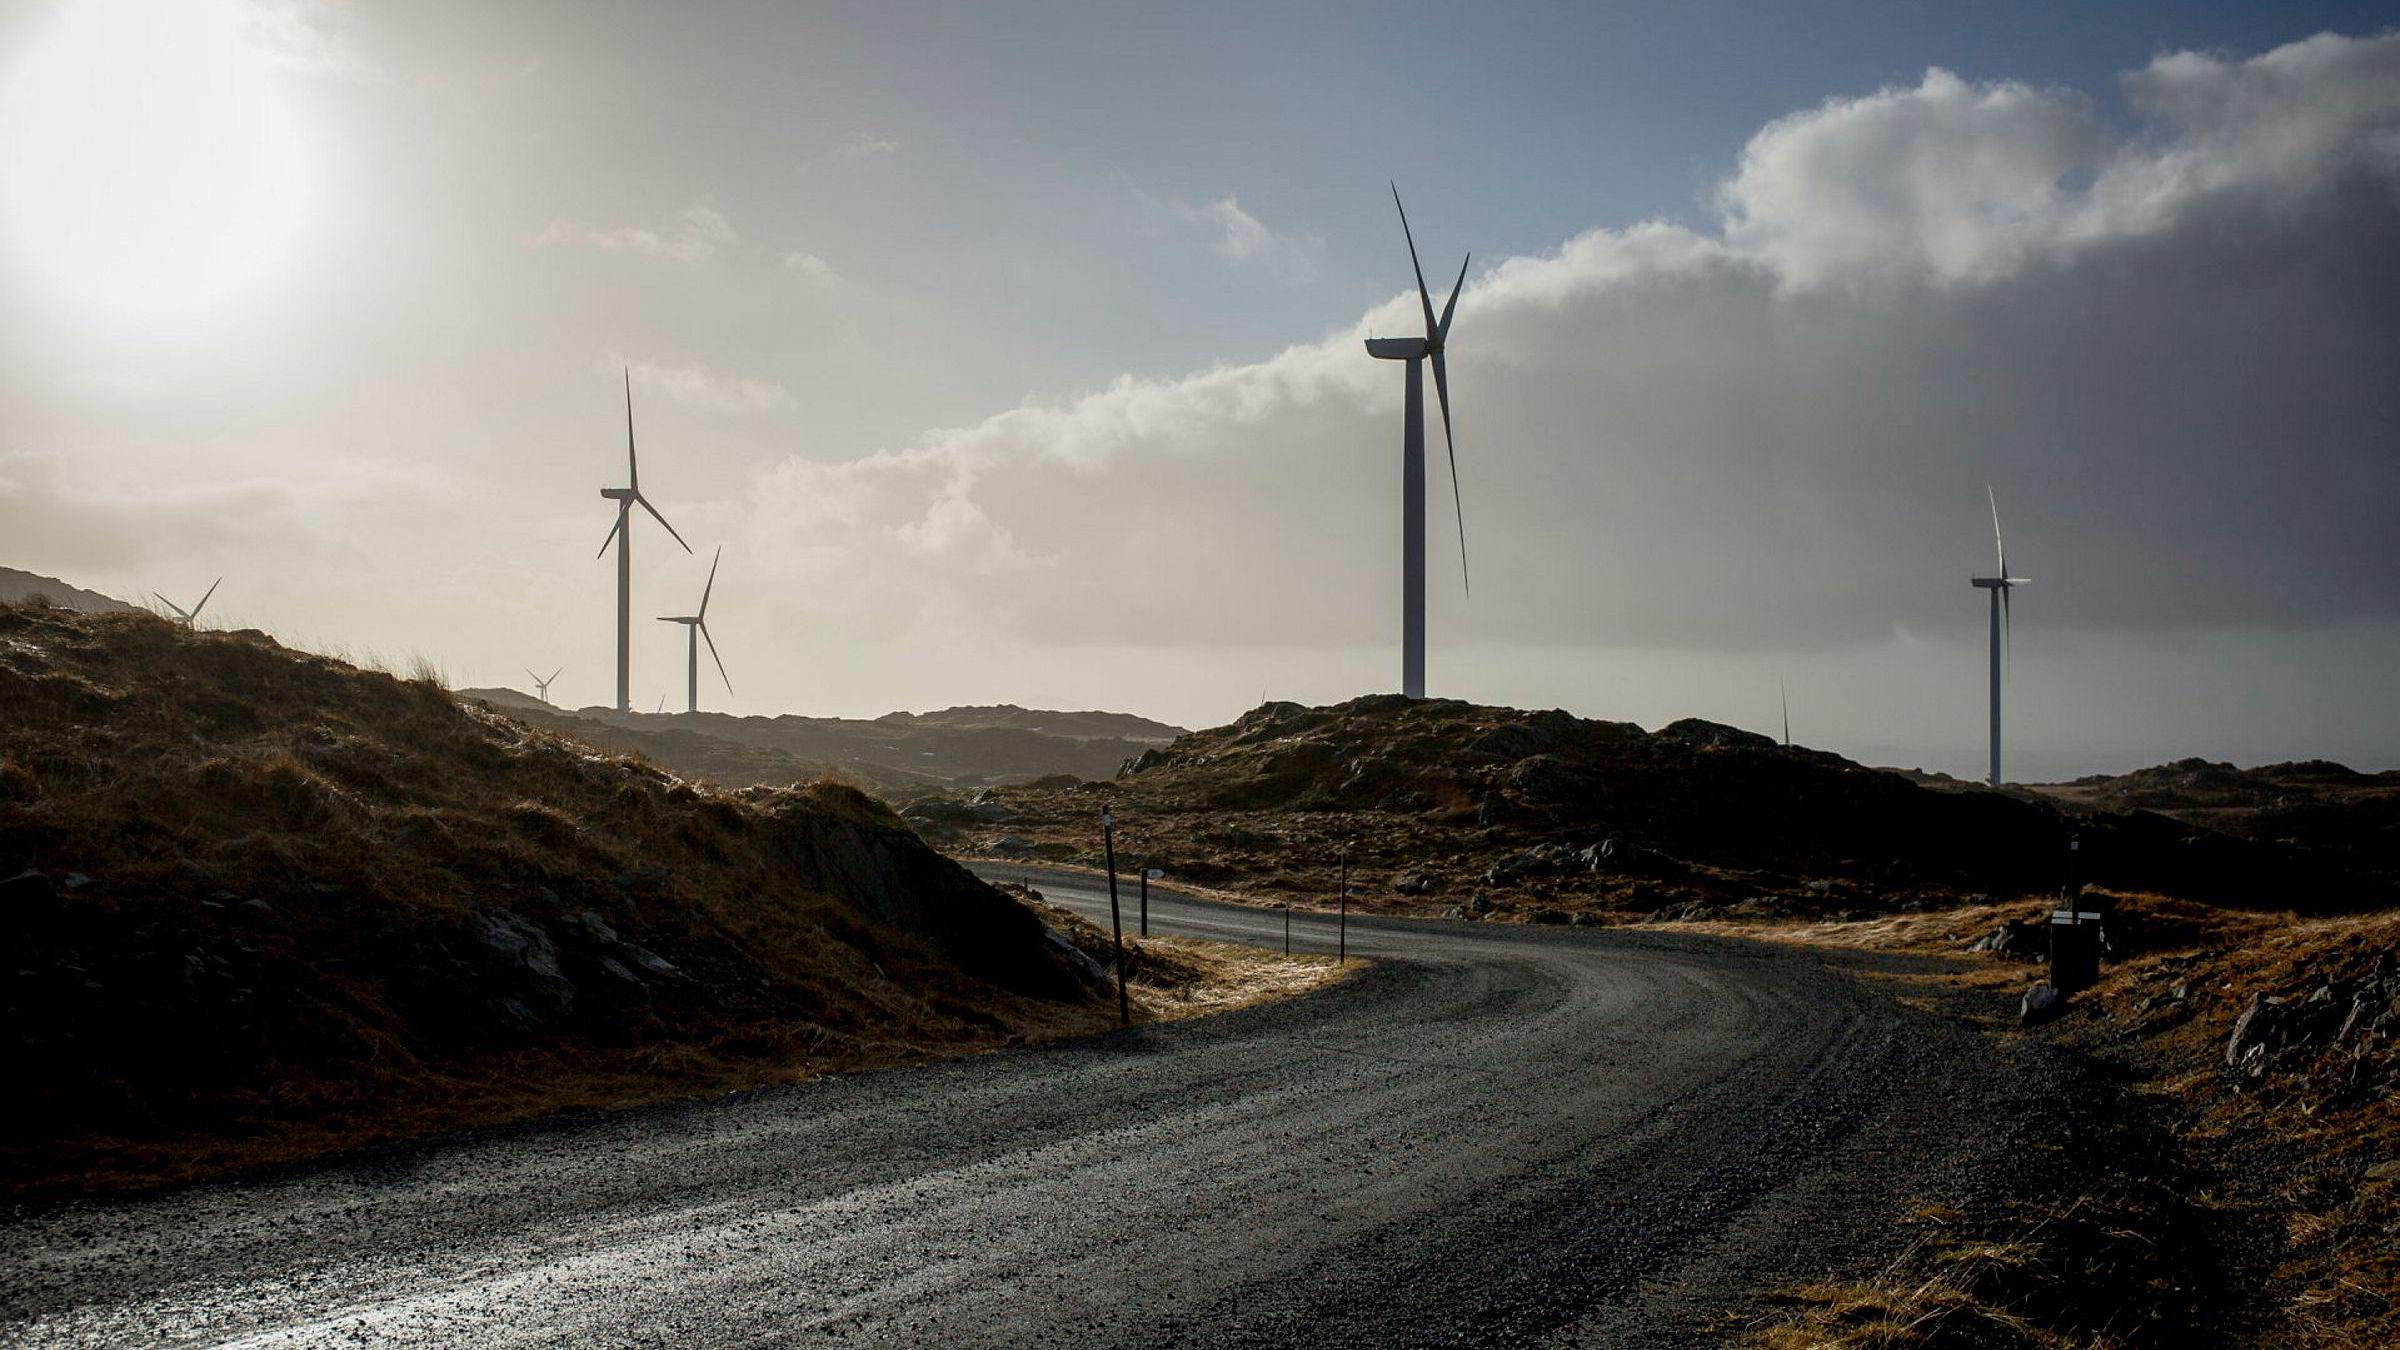 Om vi ønsker å bruke strøm fra fornybare energikilder må vi enten sørge for egen kraftproduksjon og forbruk med vindmøller, småkraft og solcellepaneler på takene våre, eller så må vi i økende grad dokumentere, akkurat som de miljøbevisste europeerne, at kraften vi bruker er ren og norsk, skriver artikkelforfatterne. Her fra Midtfjellet vindpark i Fitjar i Hordaland.